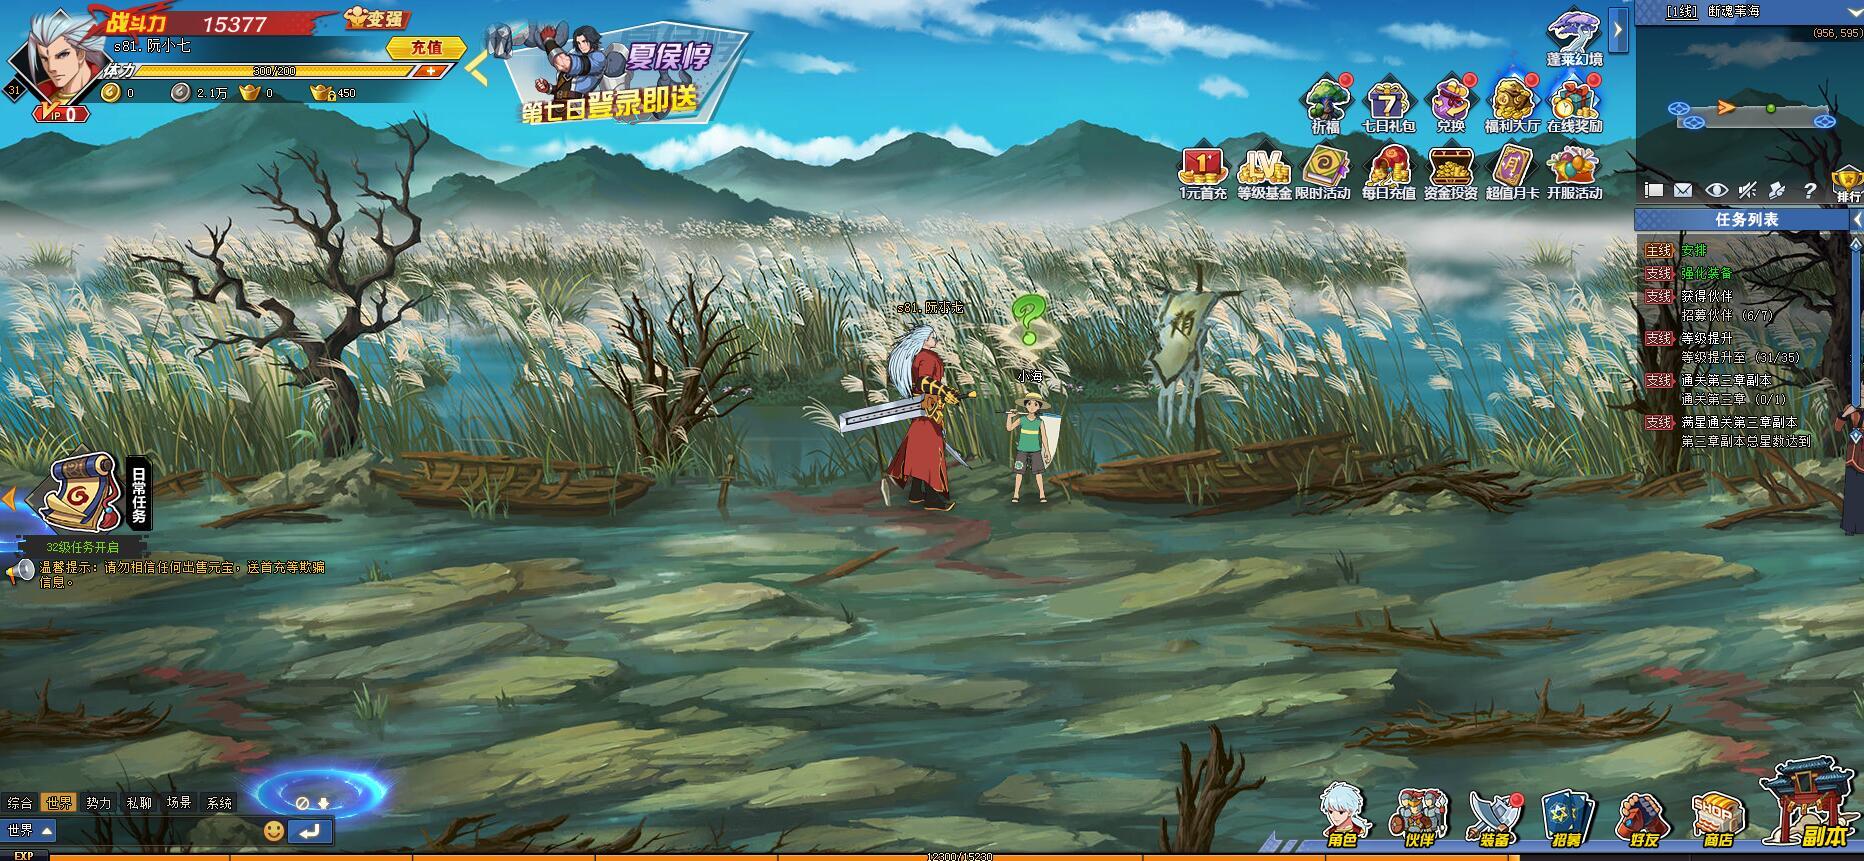 《侍魂》游戏截图